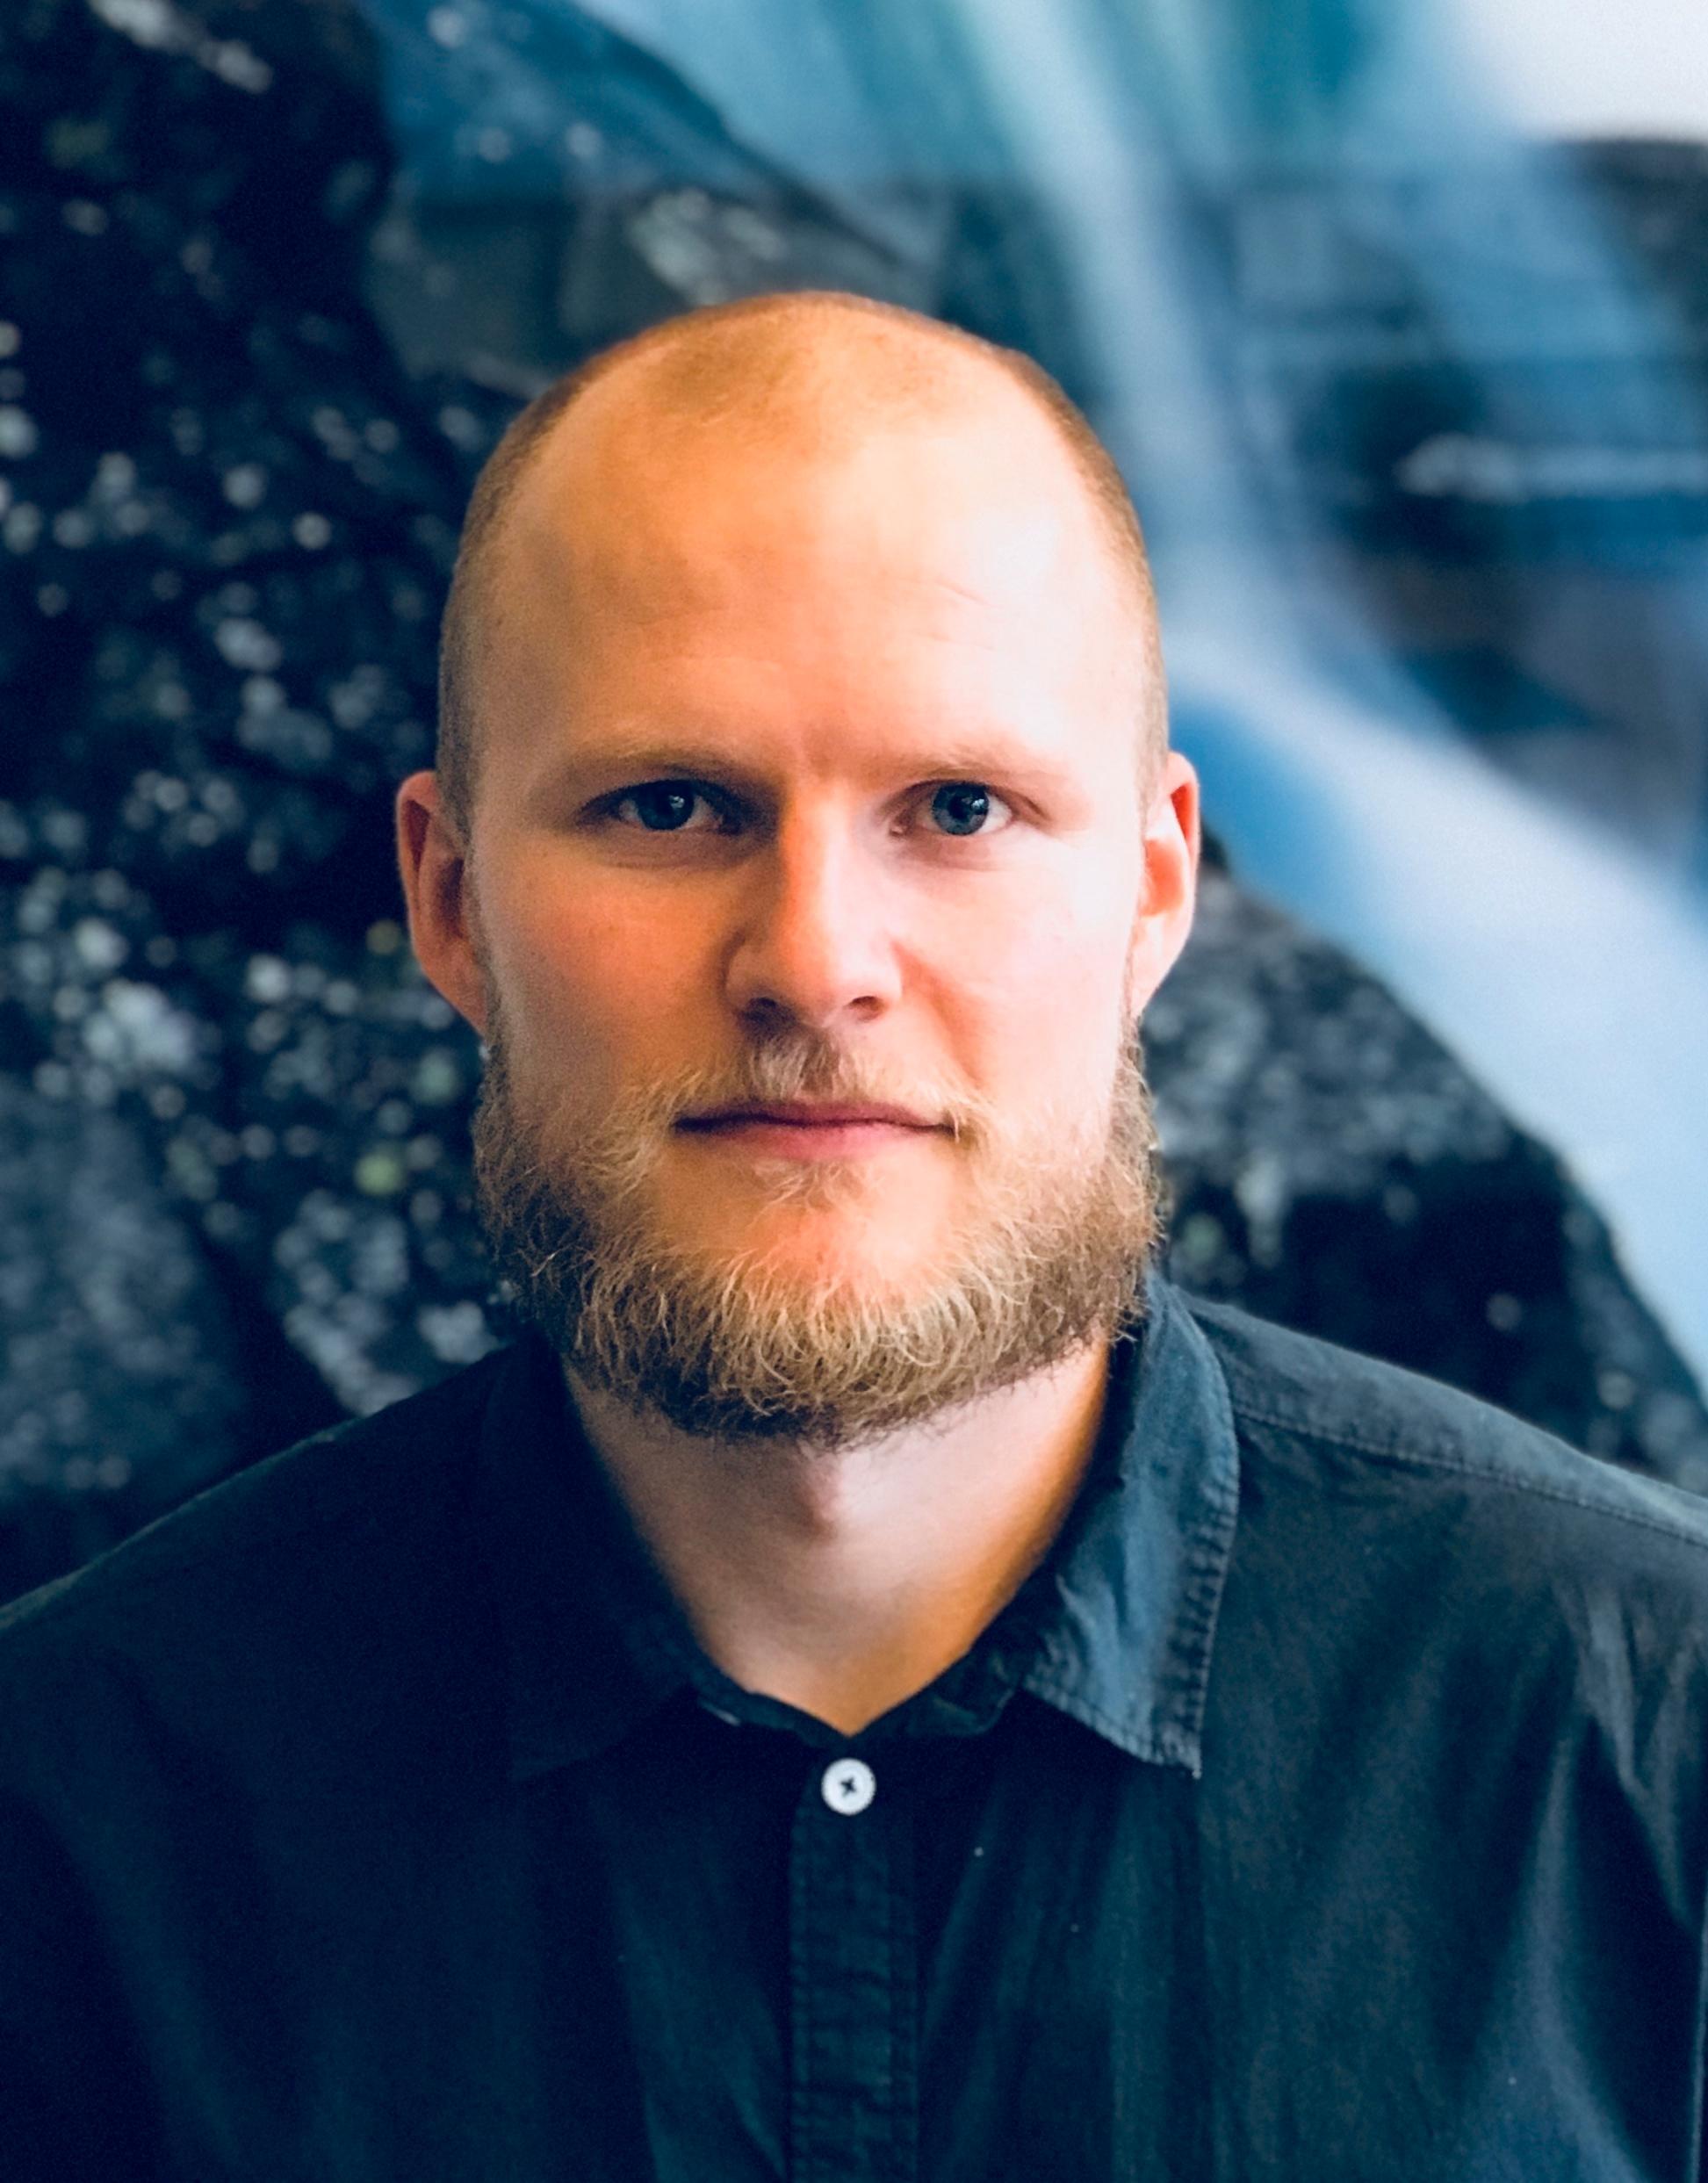 Rådgiver Stian Skaalbones i NVE sier de jobber med å vurdere om elbilladere skal unntas fra krav om omsetningskonsesjon for strøm.